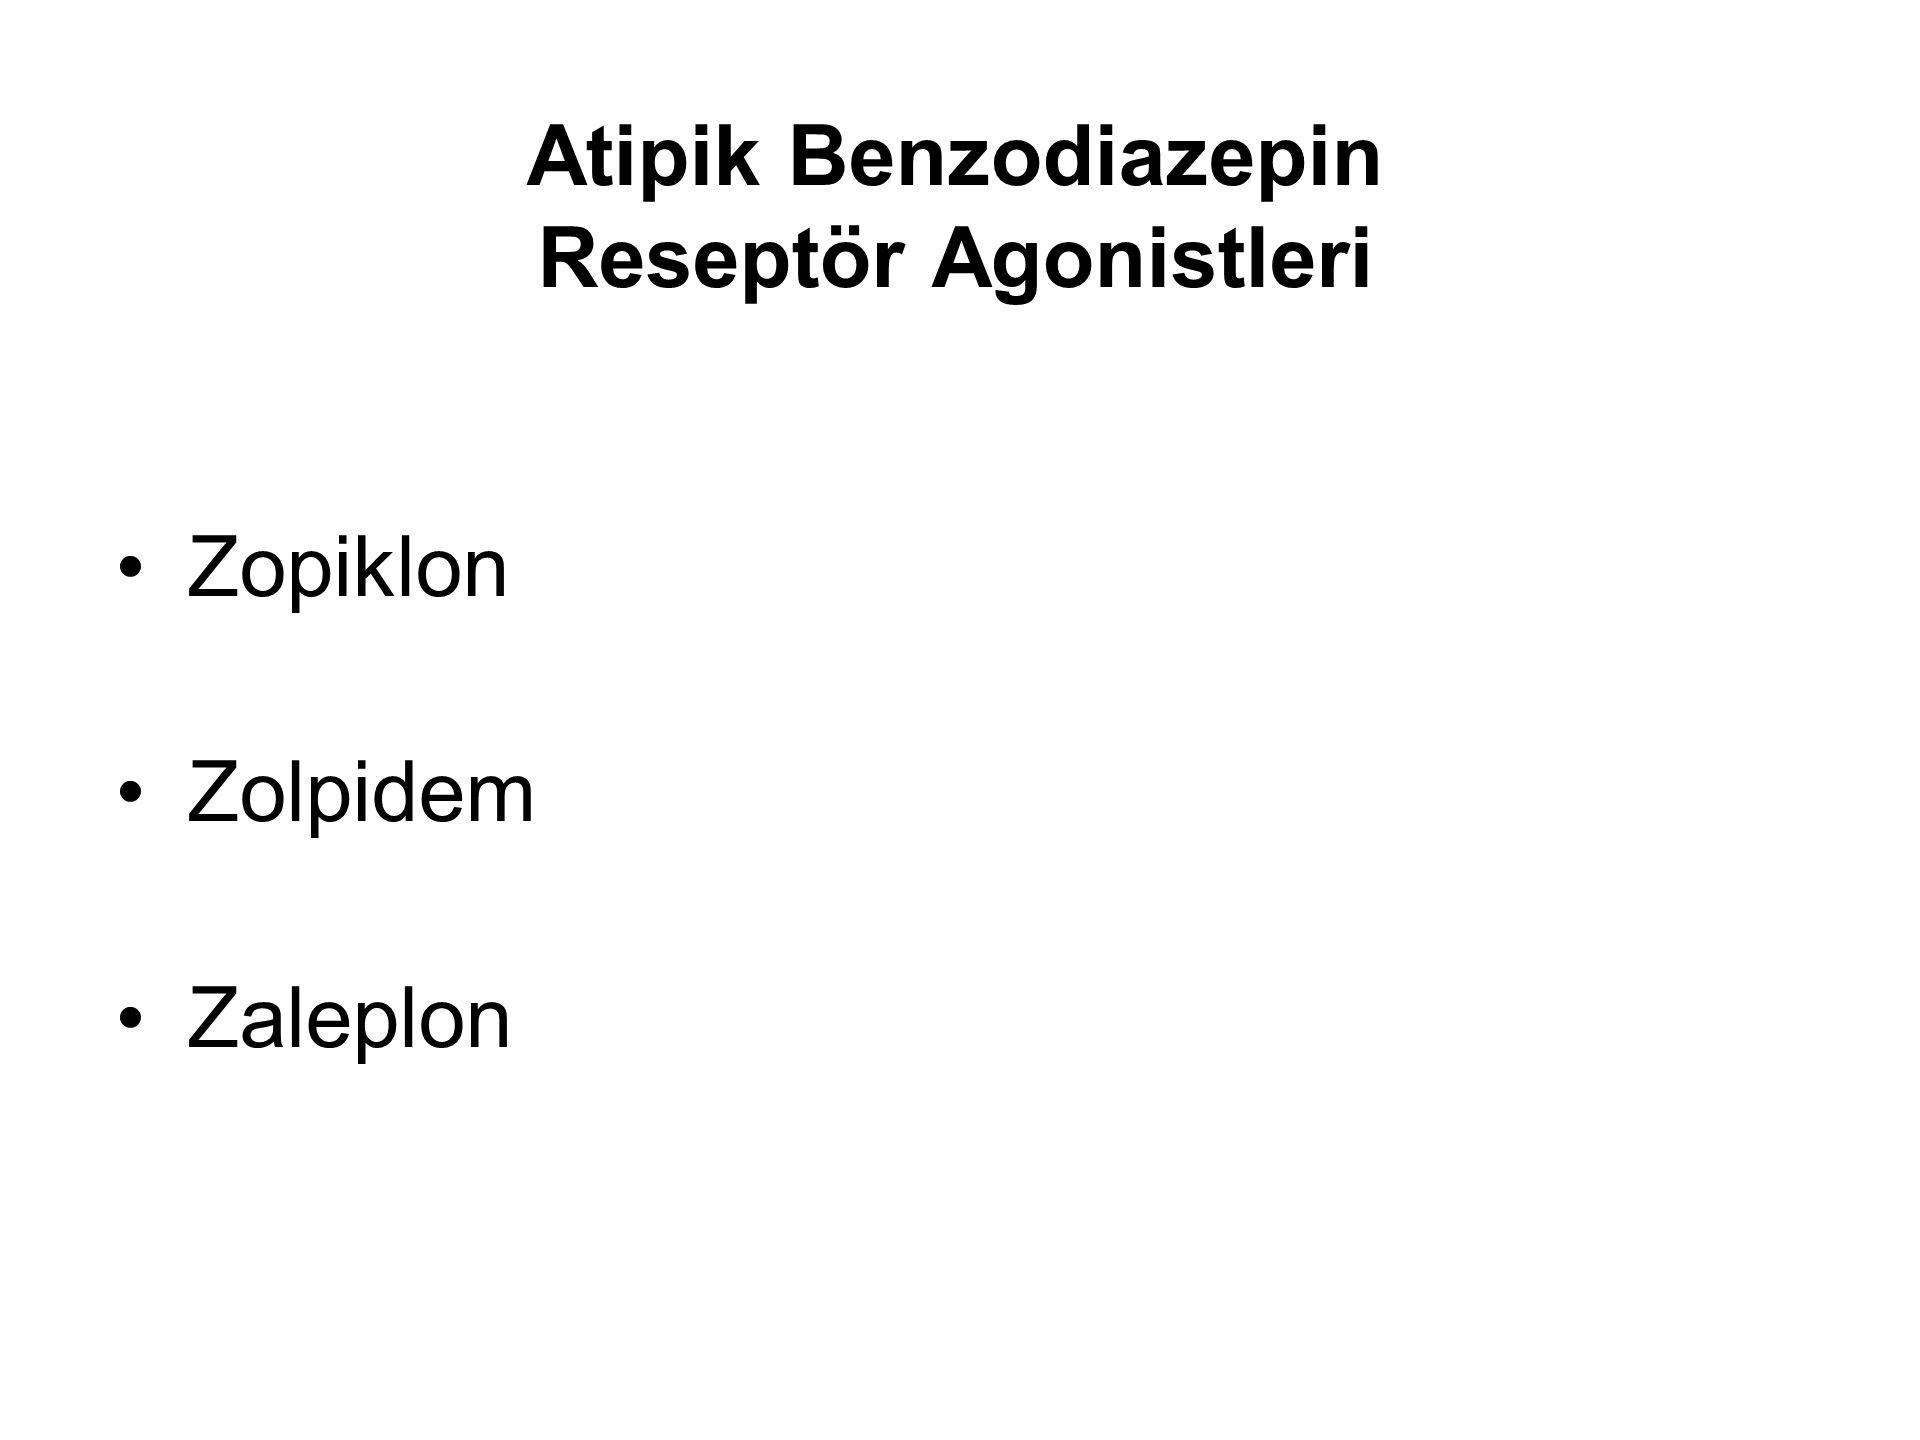 Atipik Benzodiazepin Reseptör Agonistleri